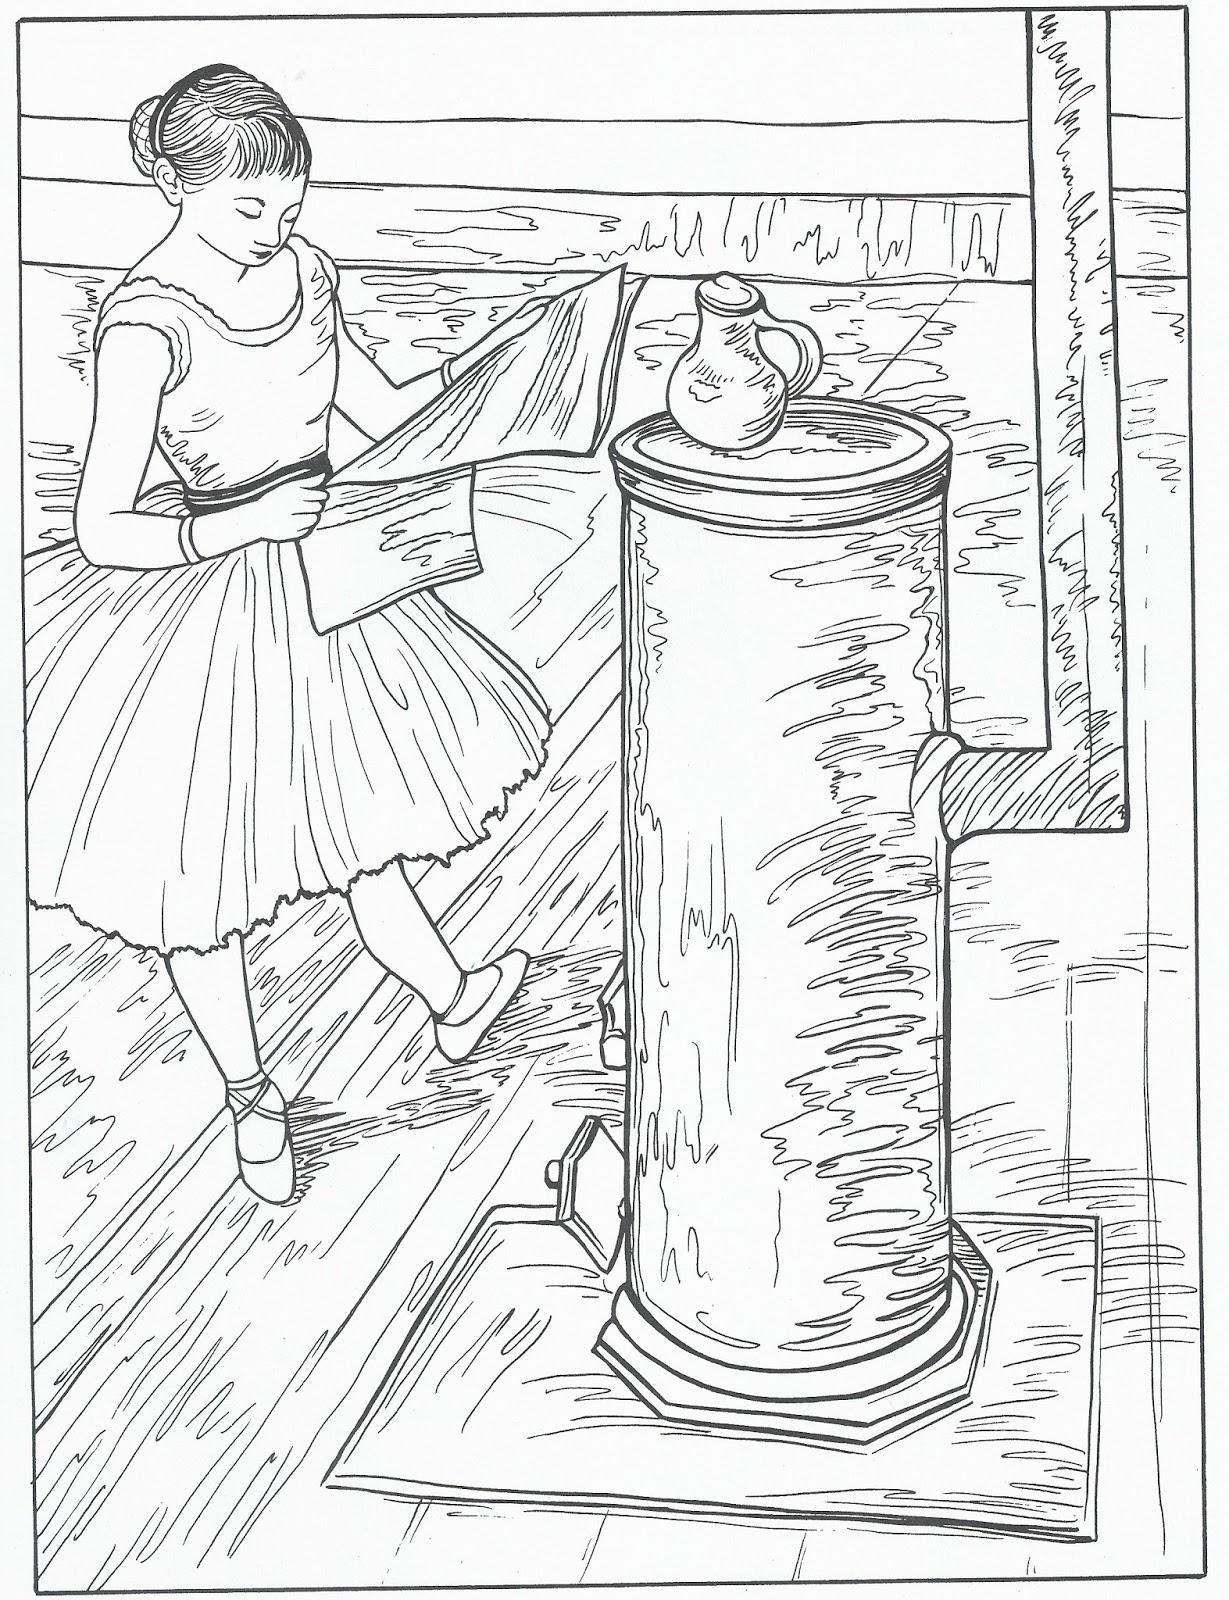 Disegni da colorare disegni da colorare dipinti di degas for Quadri da copiare